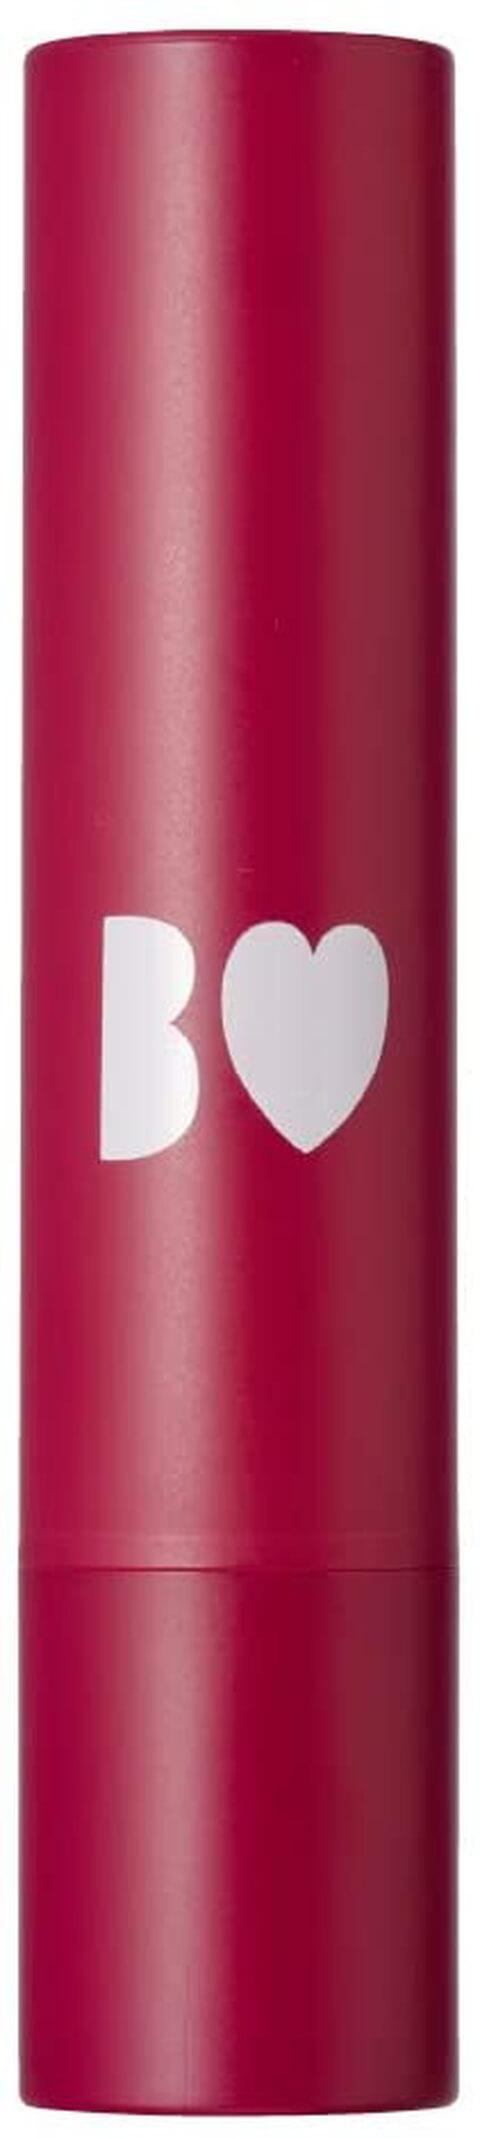 わがままplum あかりん リップ bidol ビーアイドル 人気色 ピンク 色持ち 新色 ブルベ イエベ パーソナルカラー